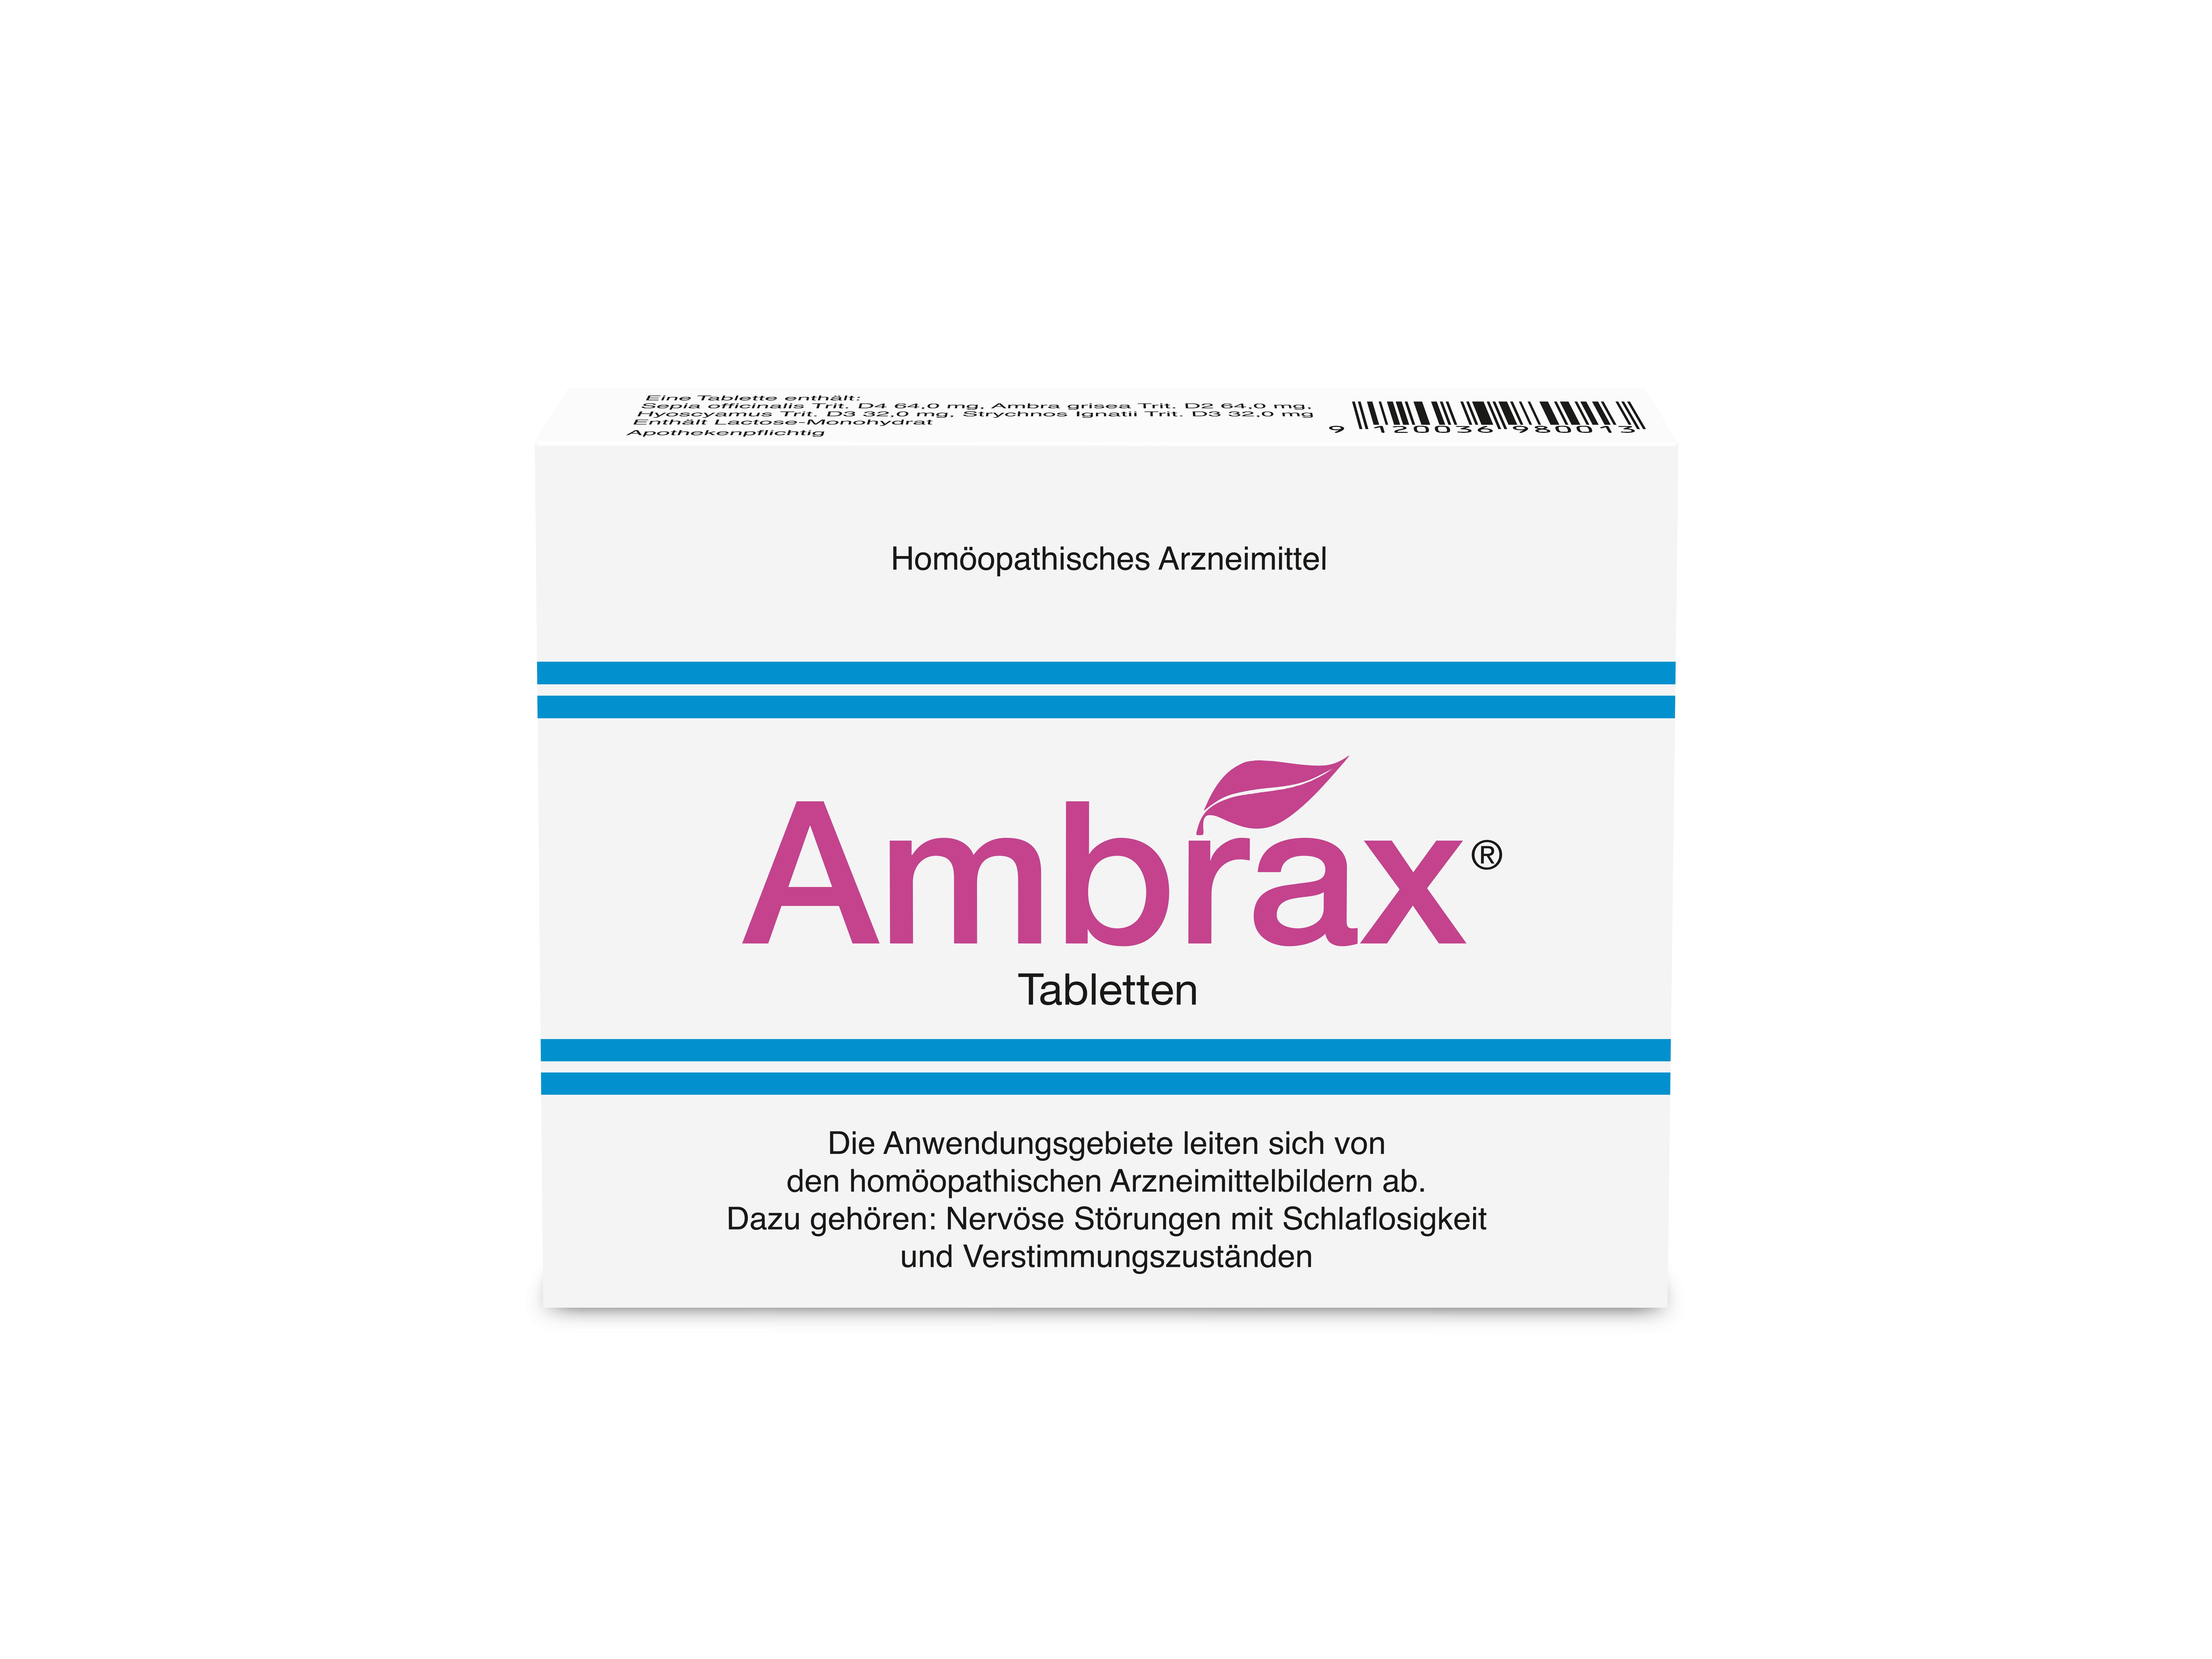 Ambrax - Tabletten